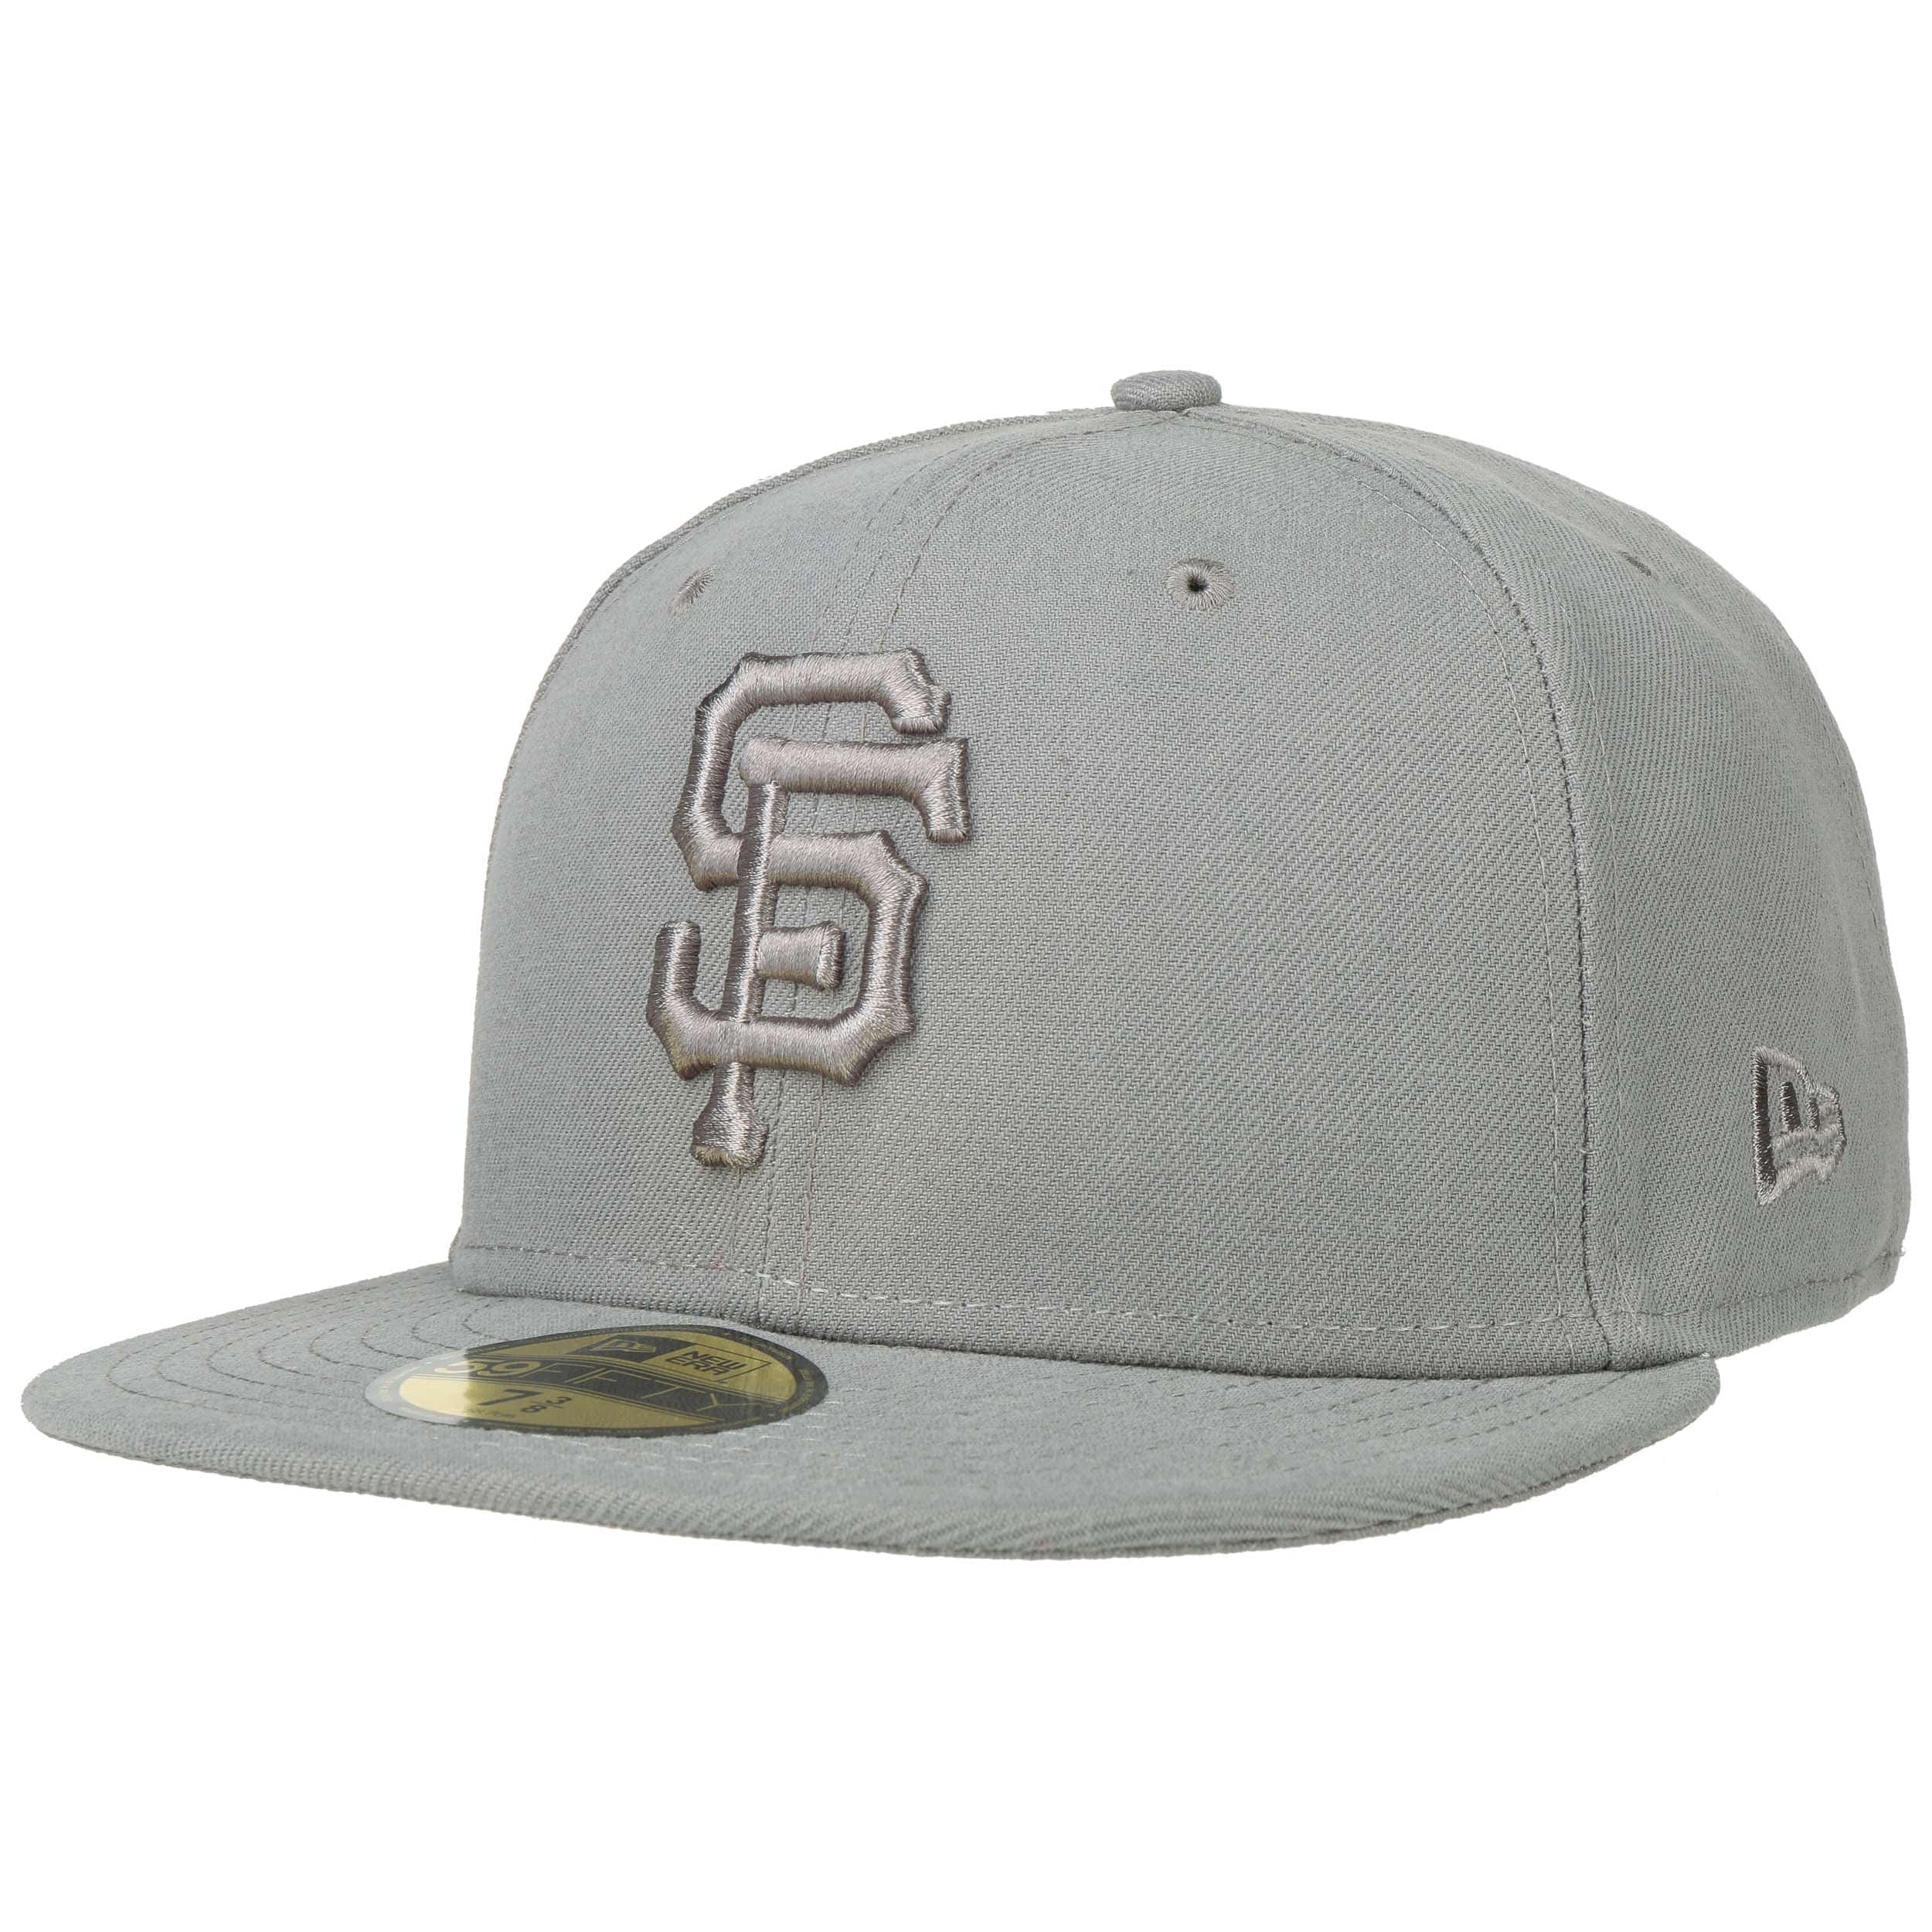 Gorra 59Fifty Ess Uni Giants by New Era - Gorras - sombreroshop.es d8310a4934d